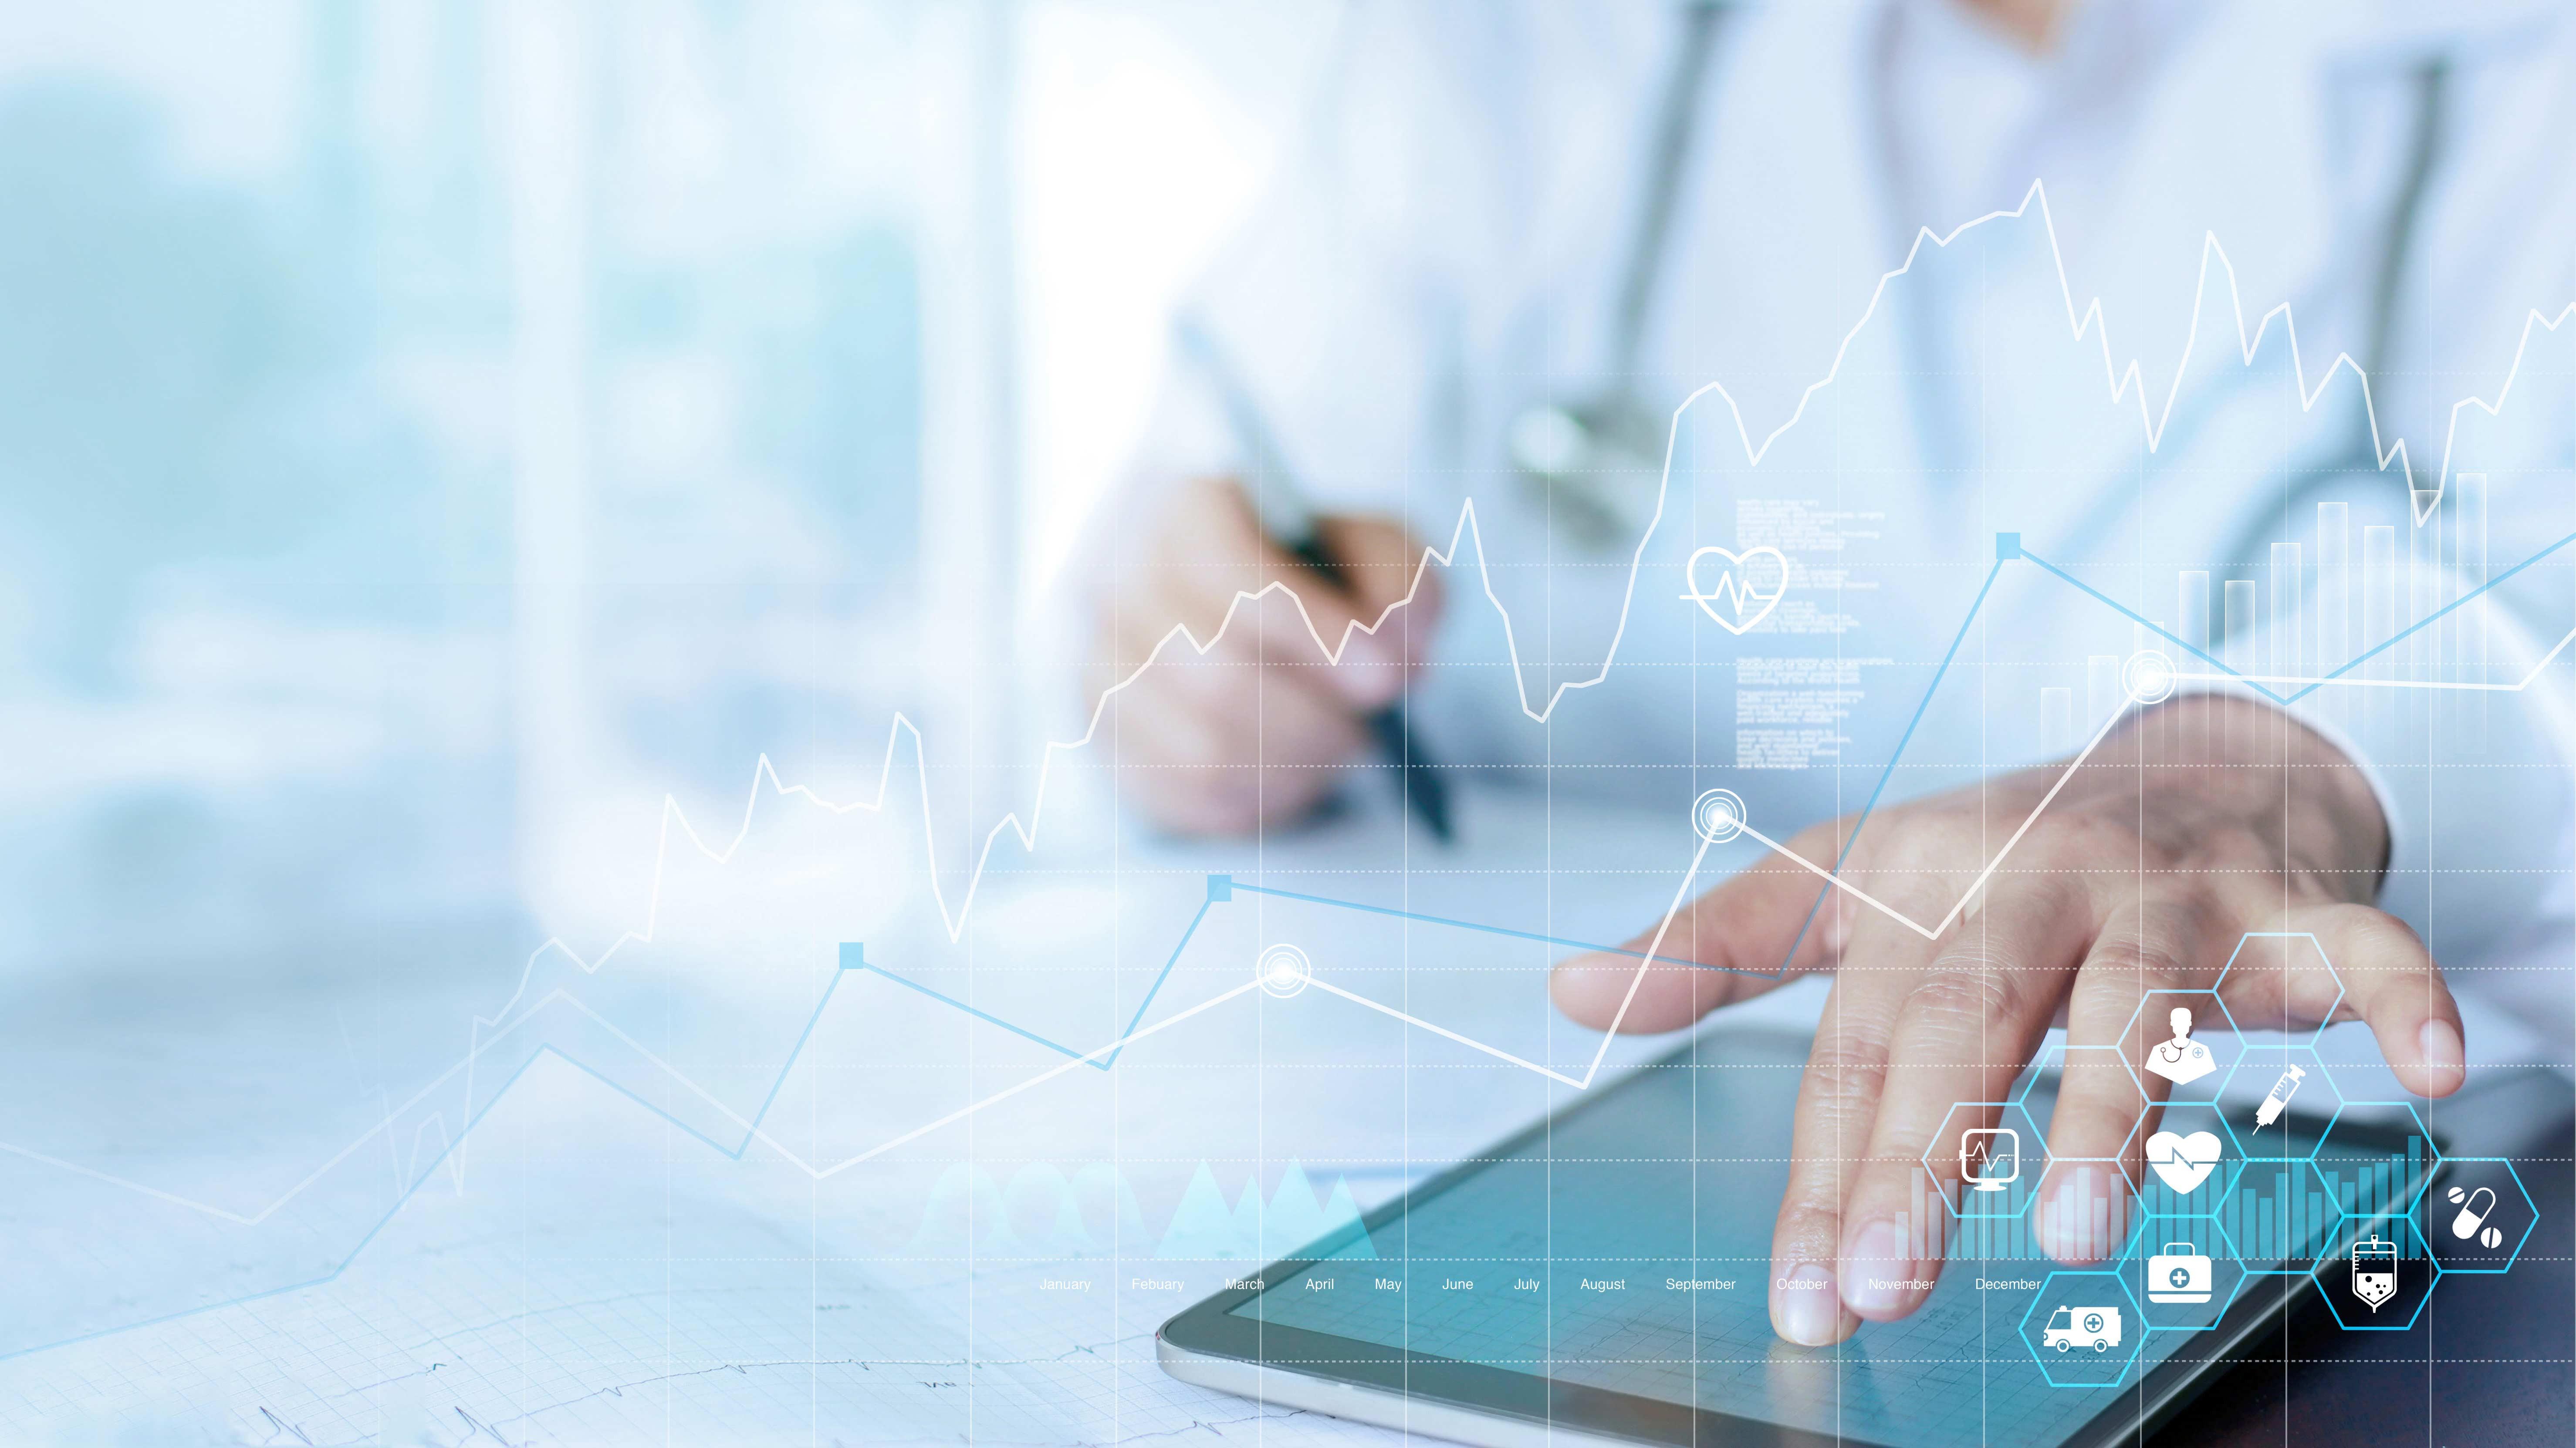 seguros-de-vida-y-salud-permitiran-seguir-con-el-crecimiento-de-las-principales-aseguradoras-nacionales